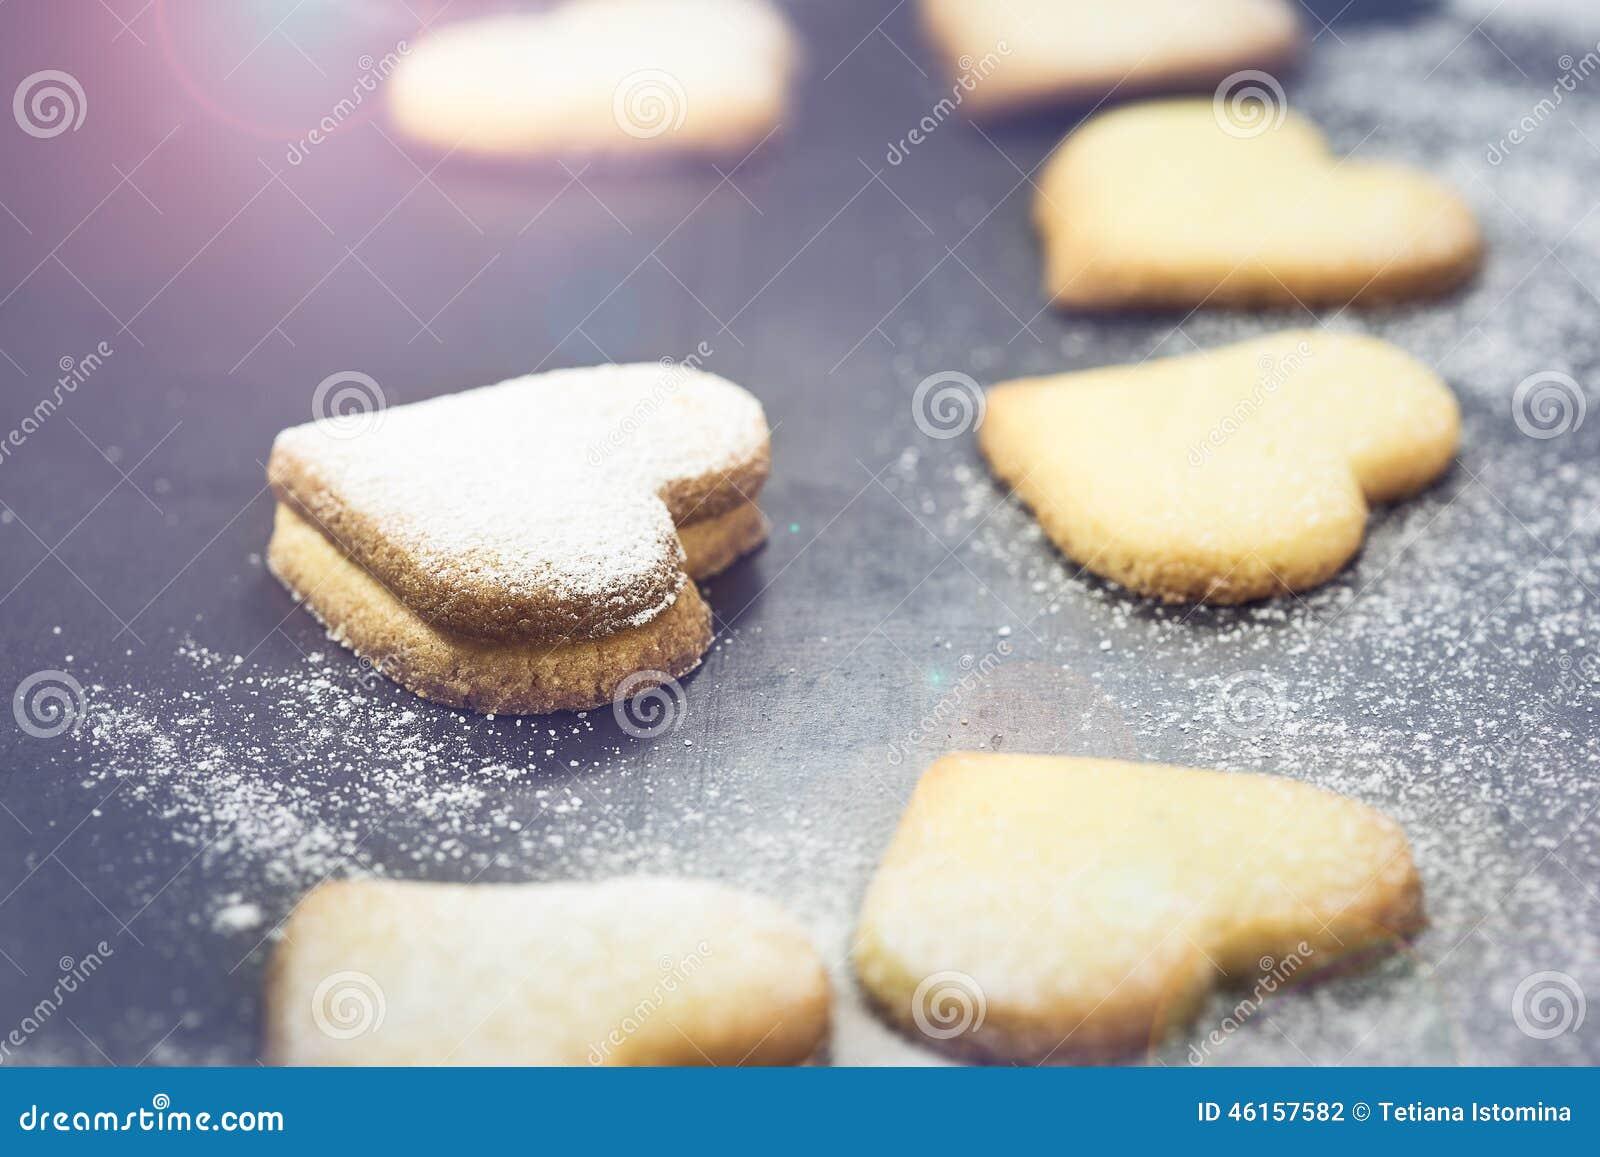 Biscuits sablés dans la forme du coeur